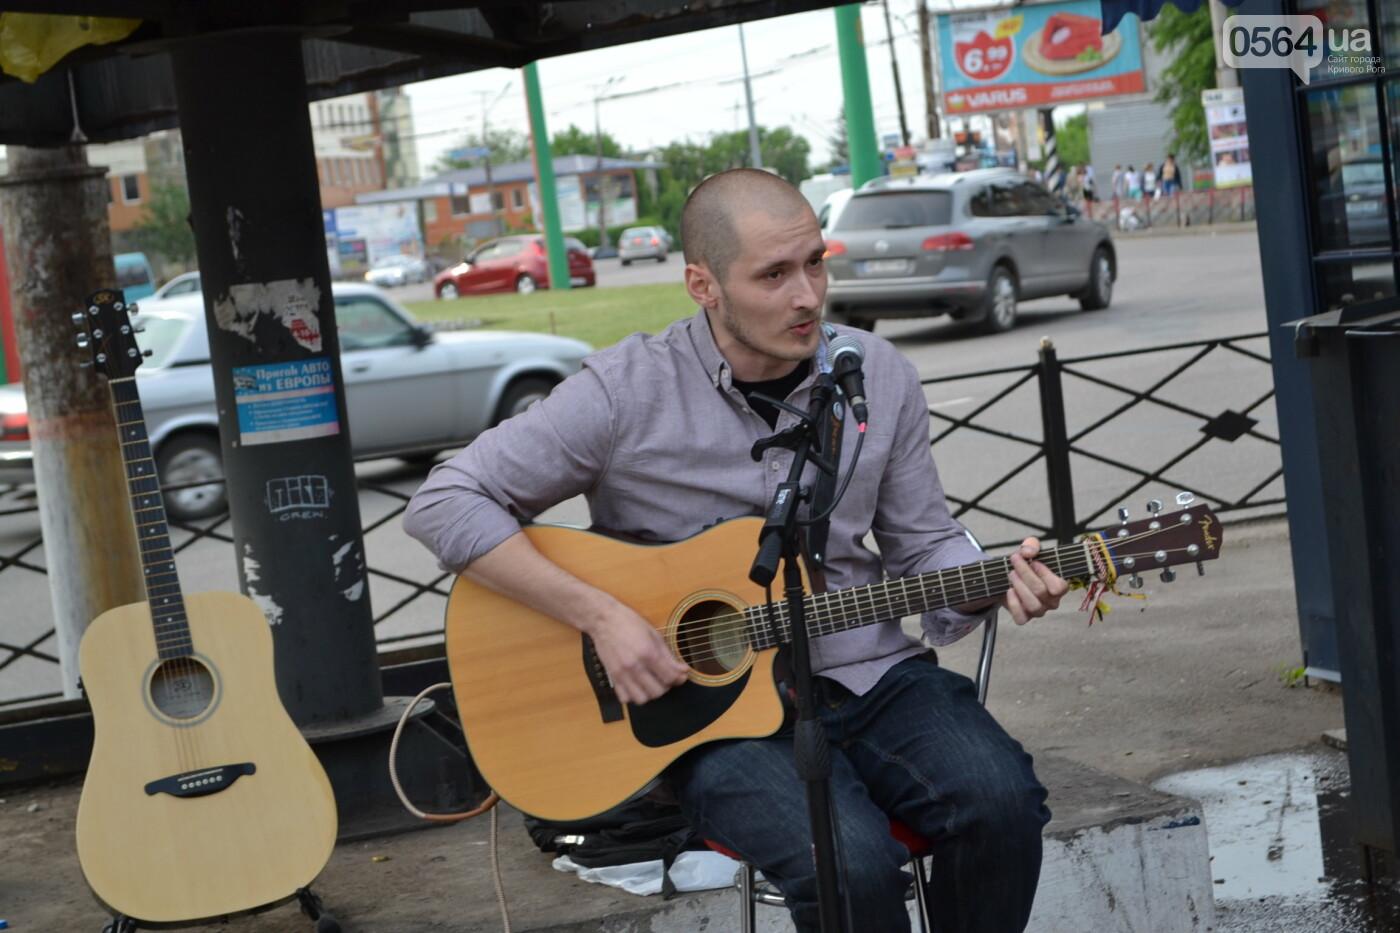 Концерт от Madisan Rock Club: криворожские музыканты поддержали юную Алину Михалковскую, - ФОТО, ВИДЕО, фото-6